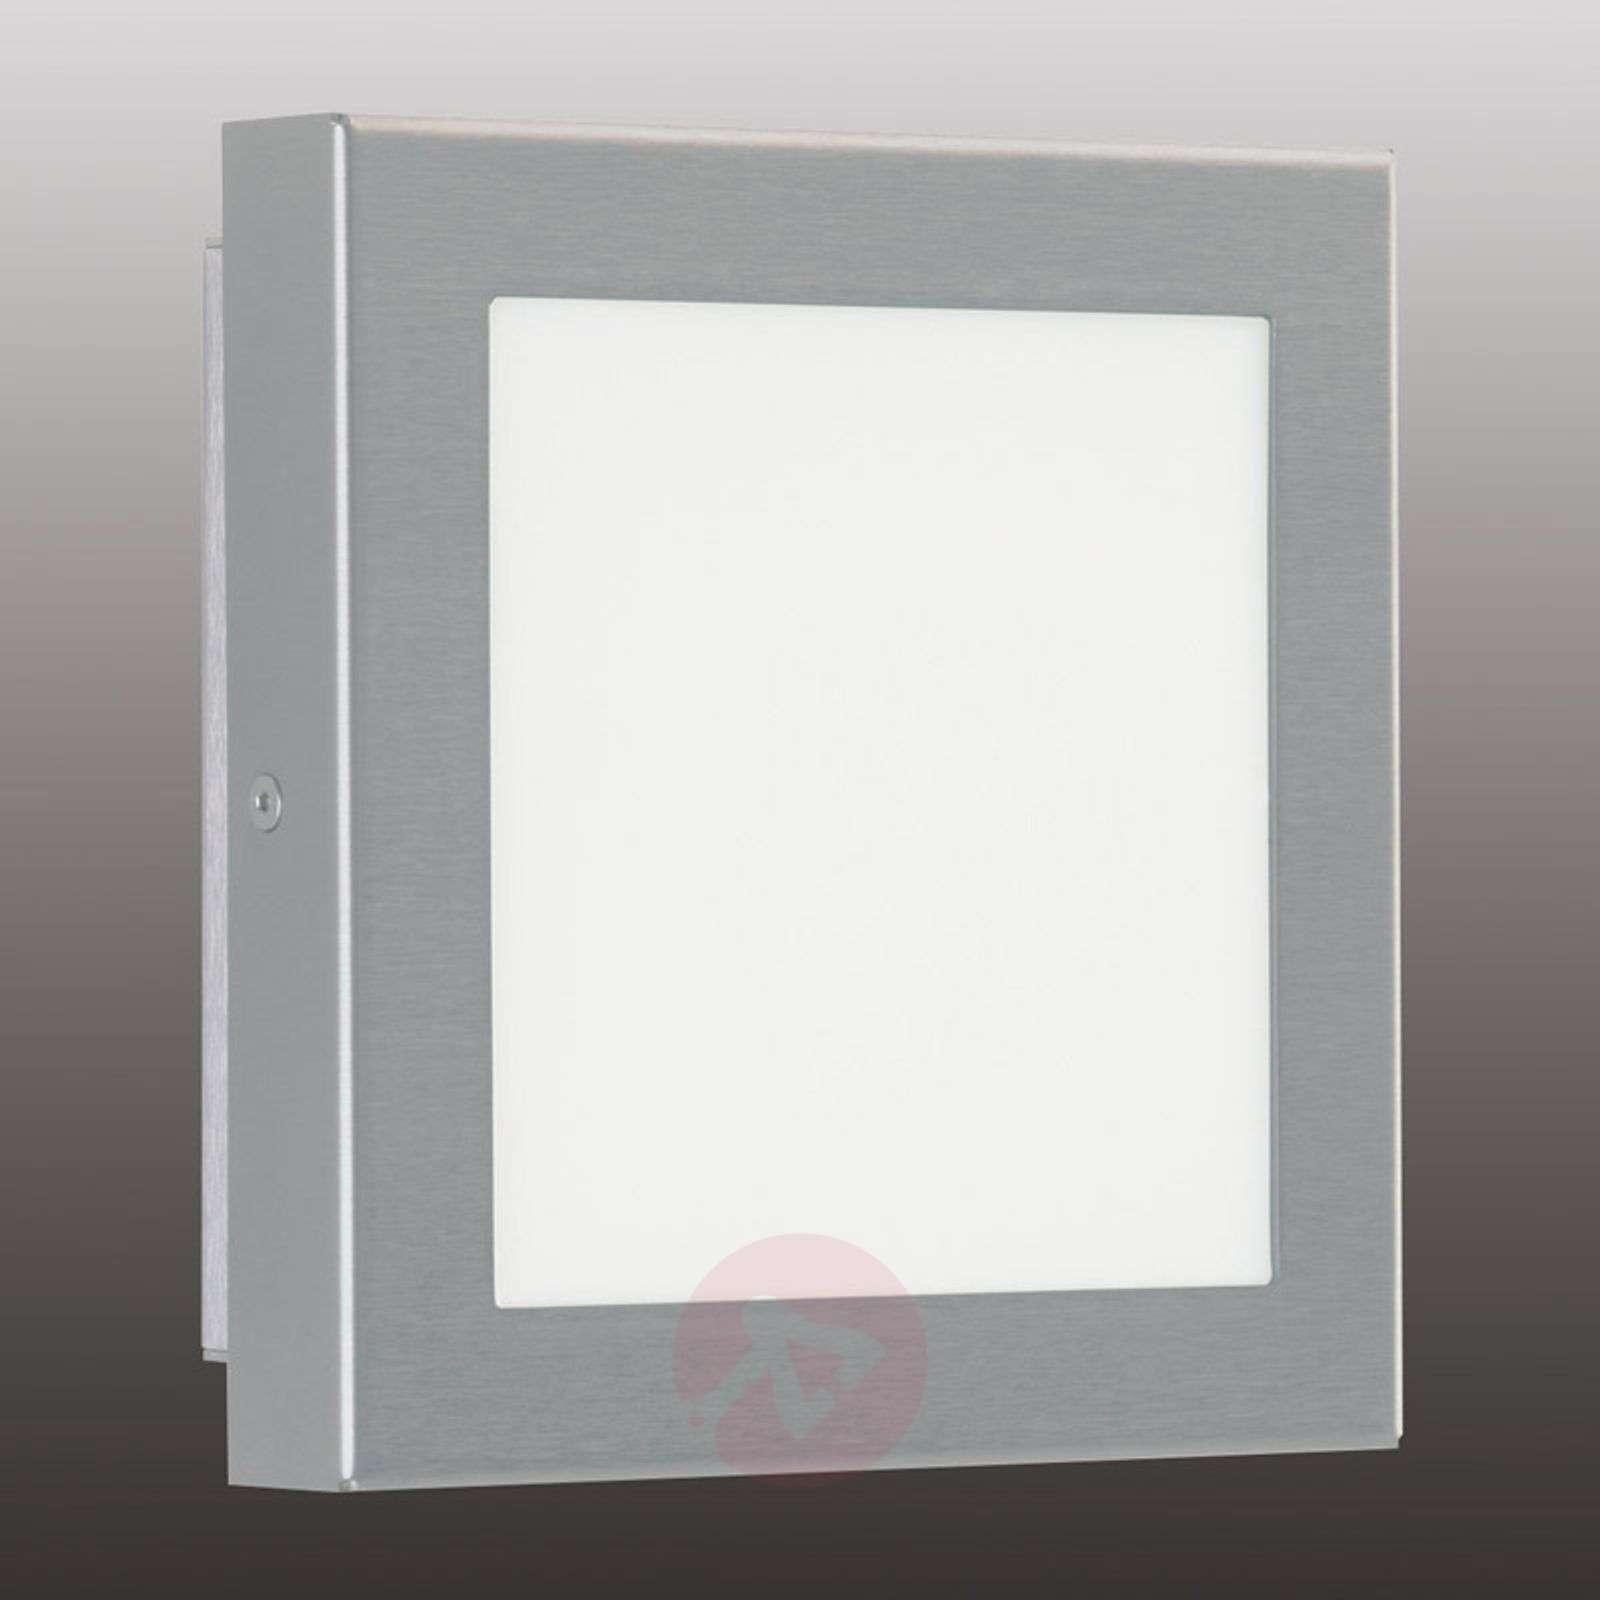 Mette-LED-ulkoseinävalaisin, ruostumaton teräs 8 W-4000308-01